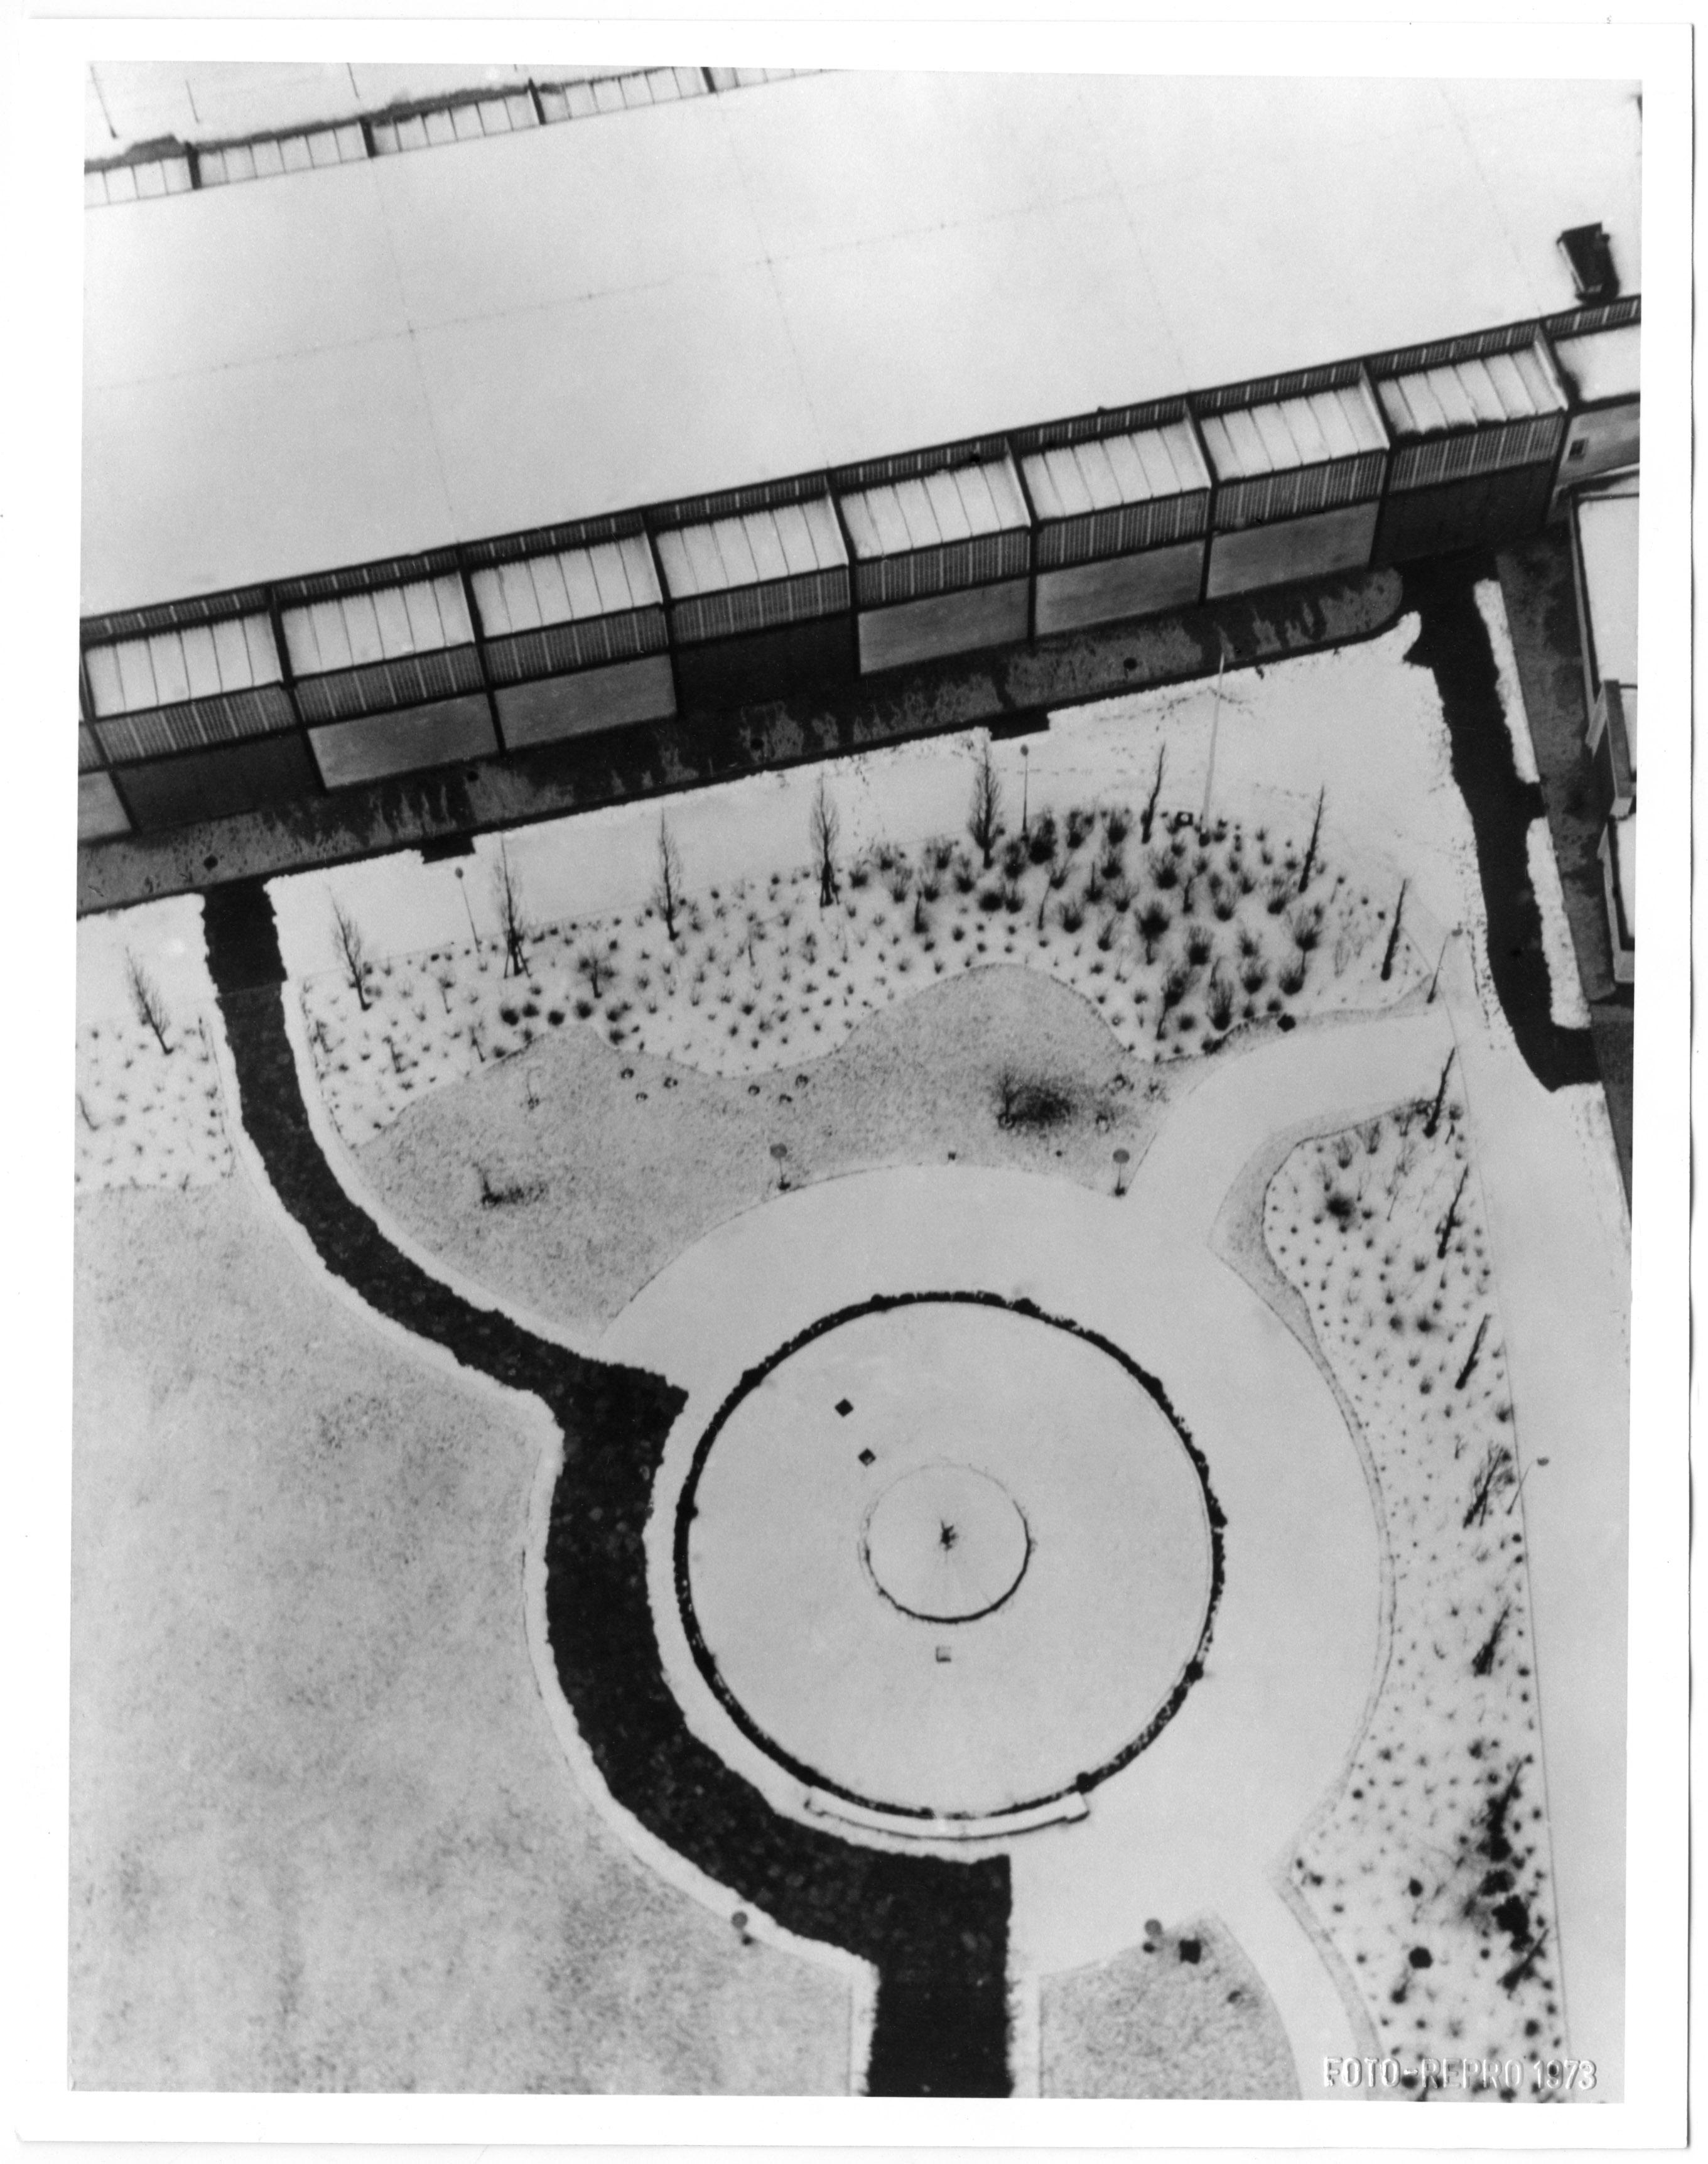 Fotó: Moholy-Nagy László: Berlini rádiótorony, 1928k./1973, zselatinos ezüst © Magyar Fotográfiai Múzeum